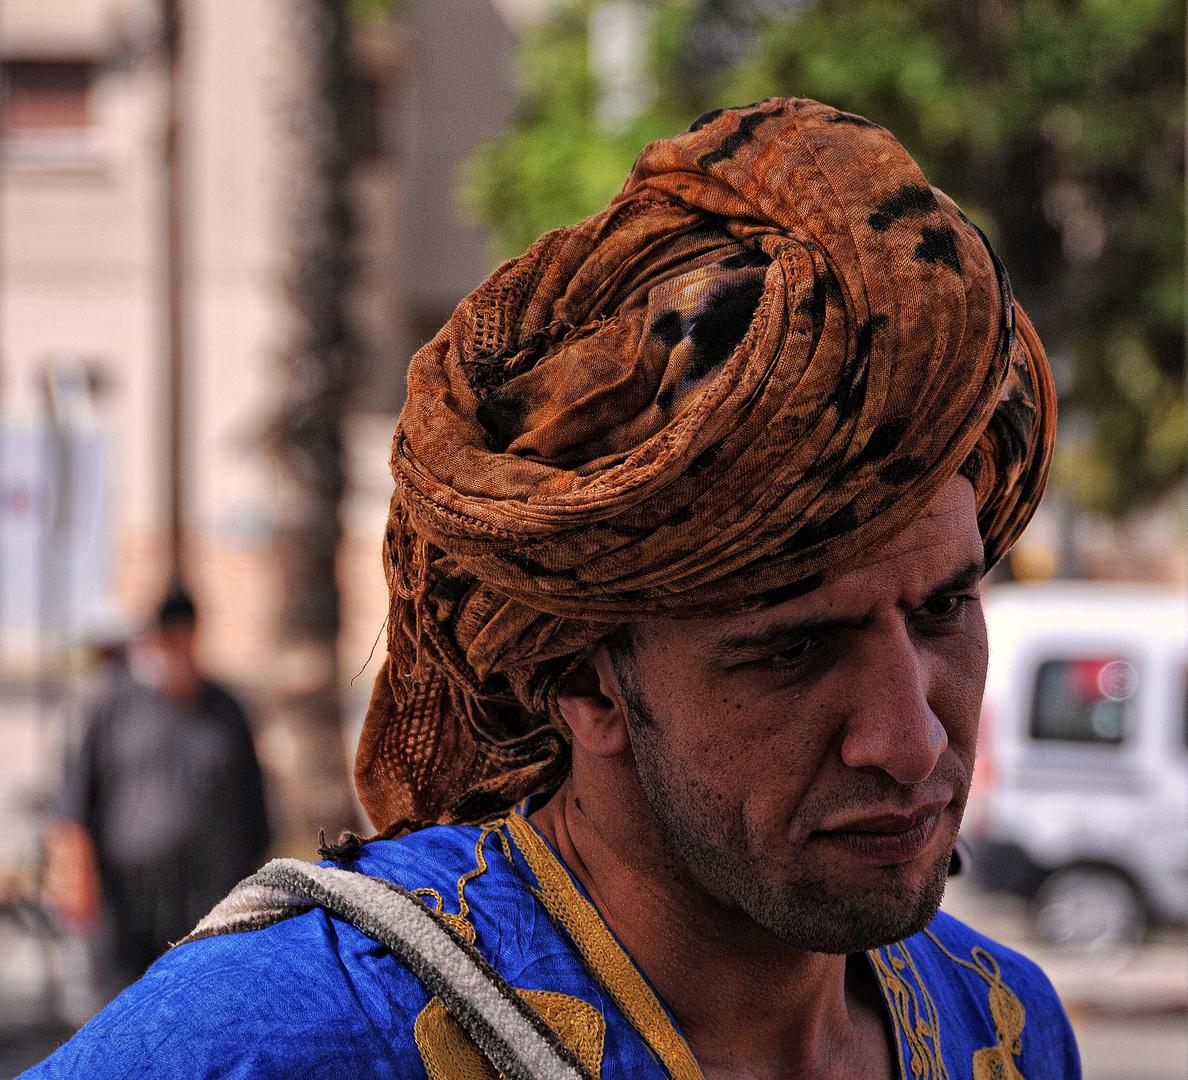 Rostos - Marrocos